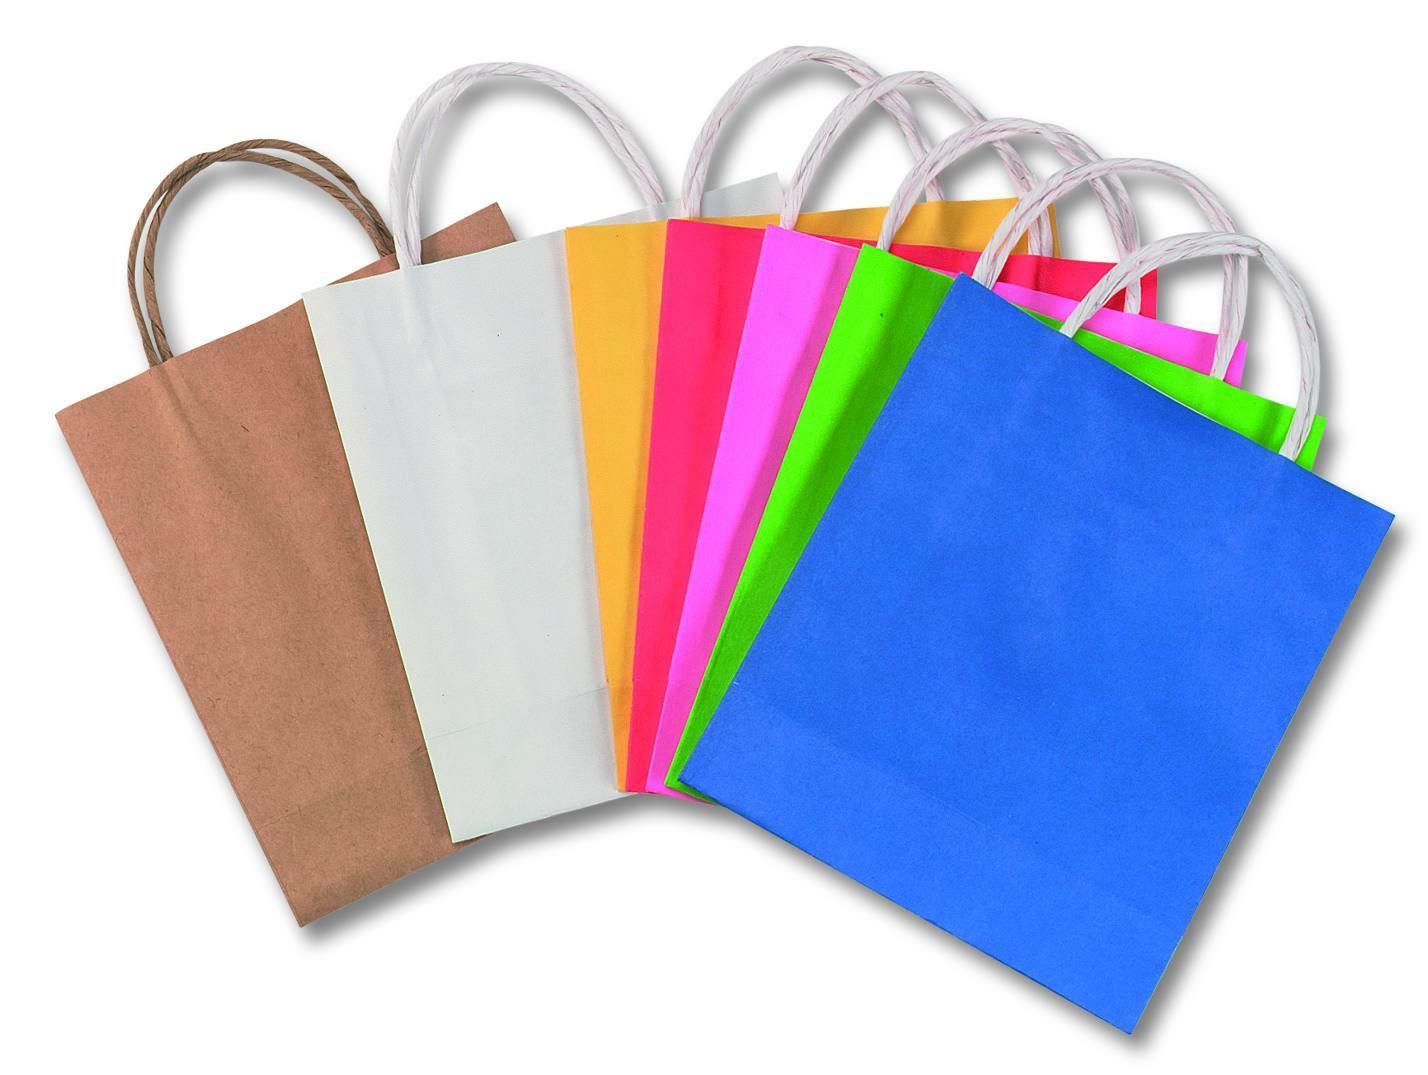 09c59de6b Papierové tašky - 12x5,5x15 cm, 20 ks - biela